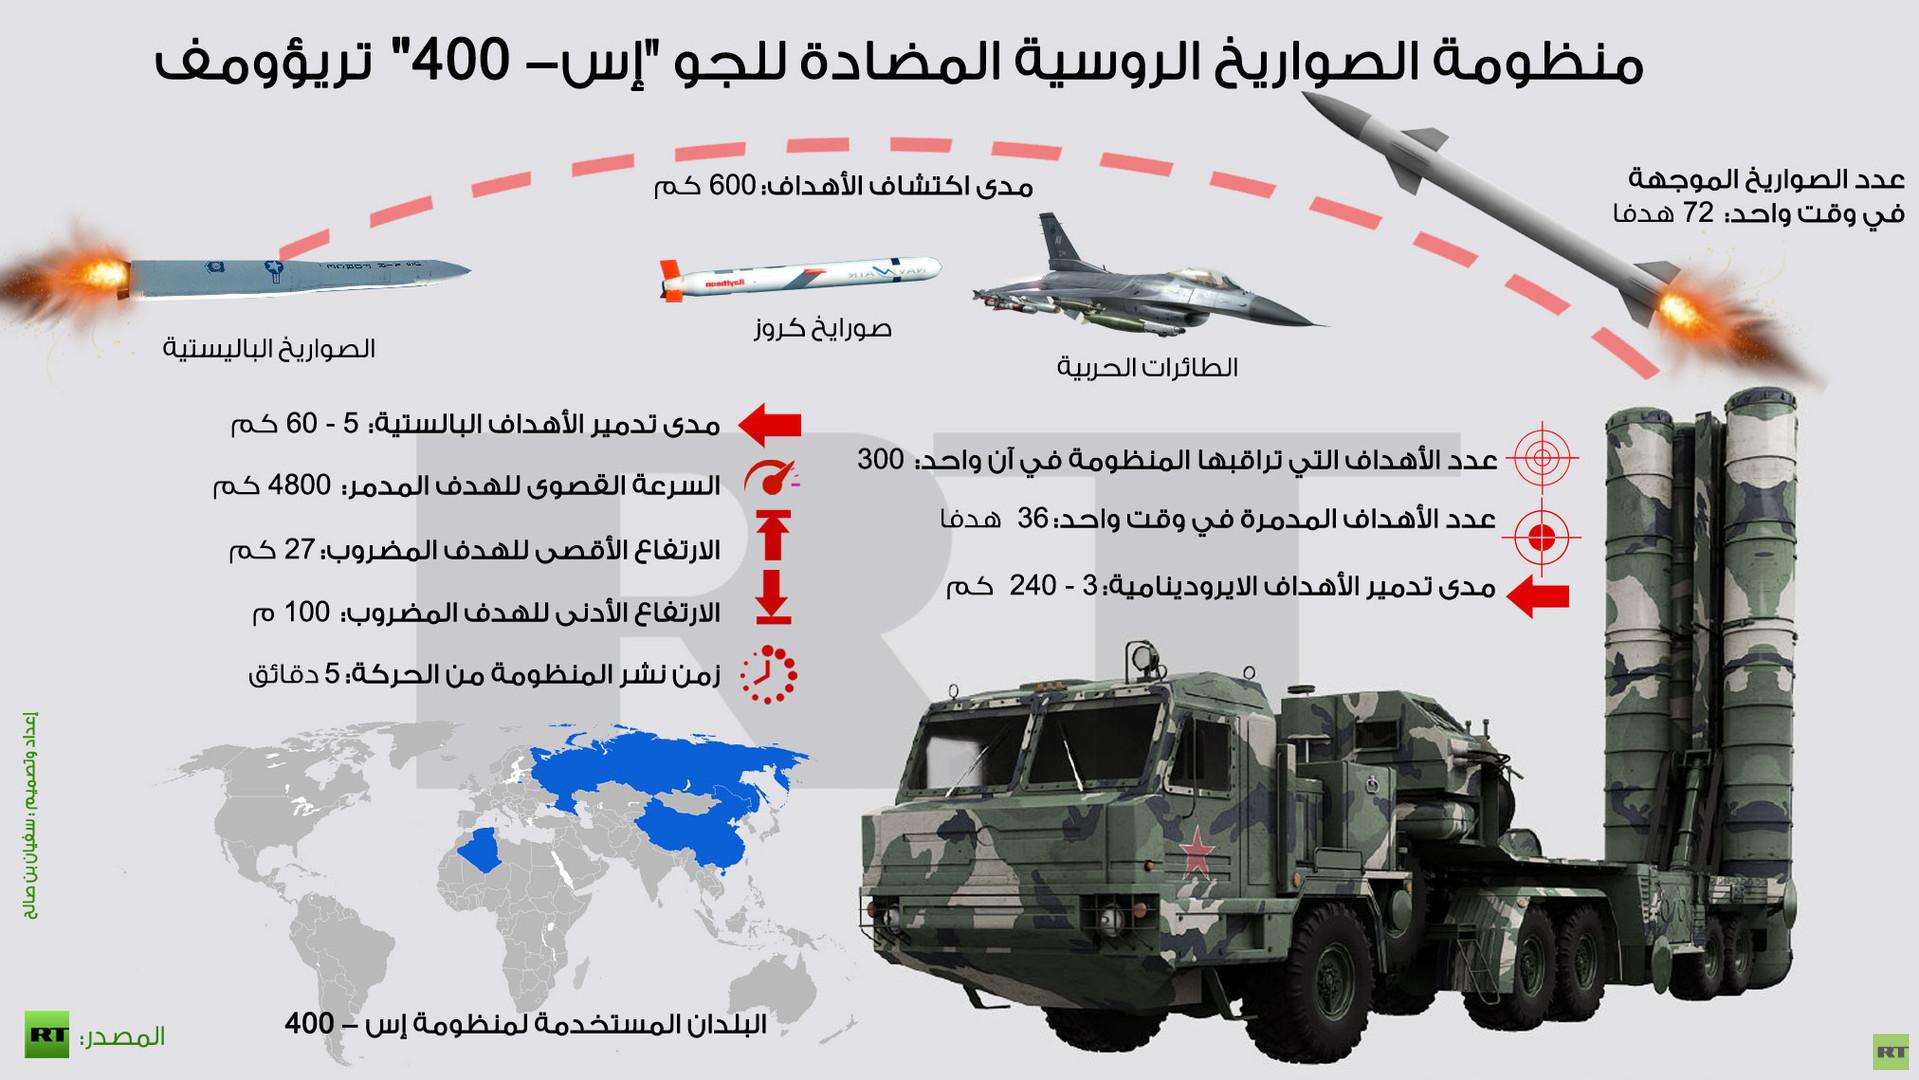 الجزائر منظومات الدفاع الجوي [ S-400 /  الجديد  ]   - صفحة 2 5640c8cdc361885c048b4619